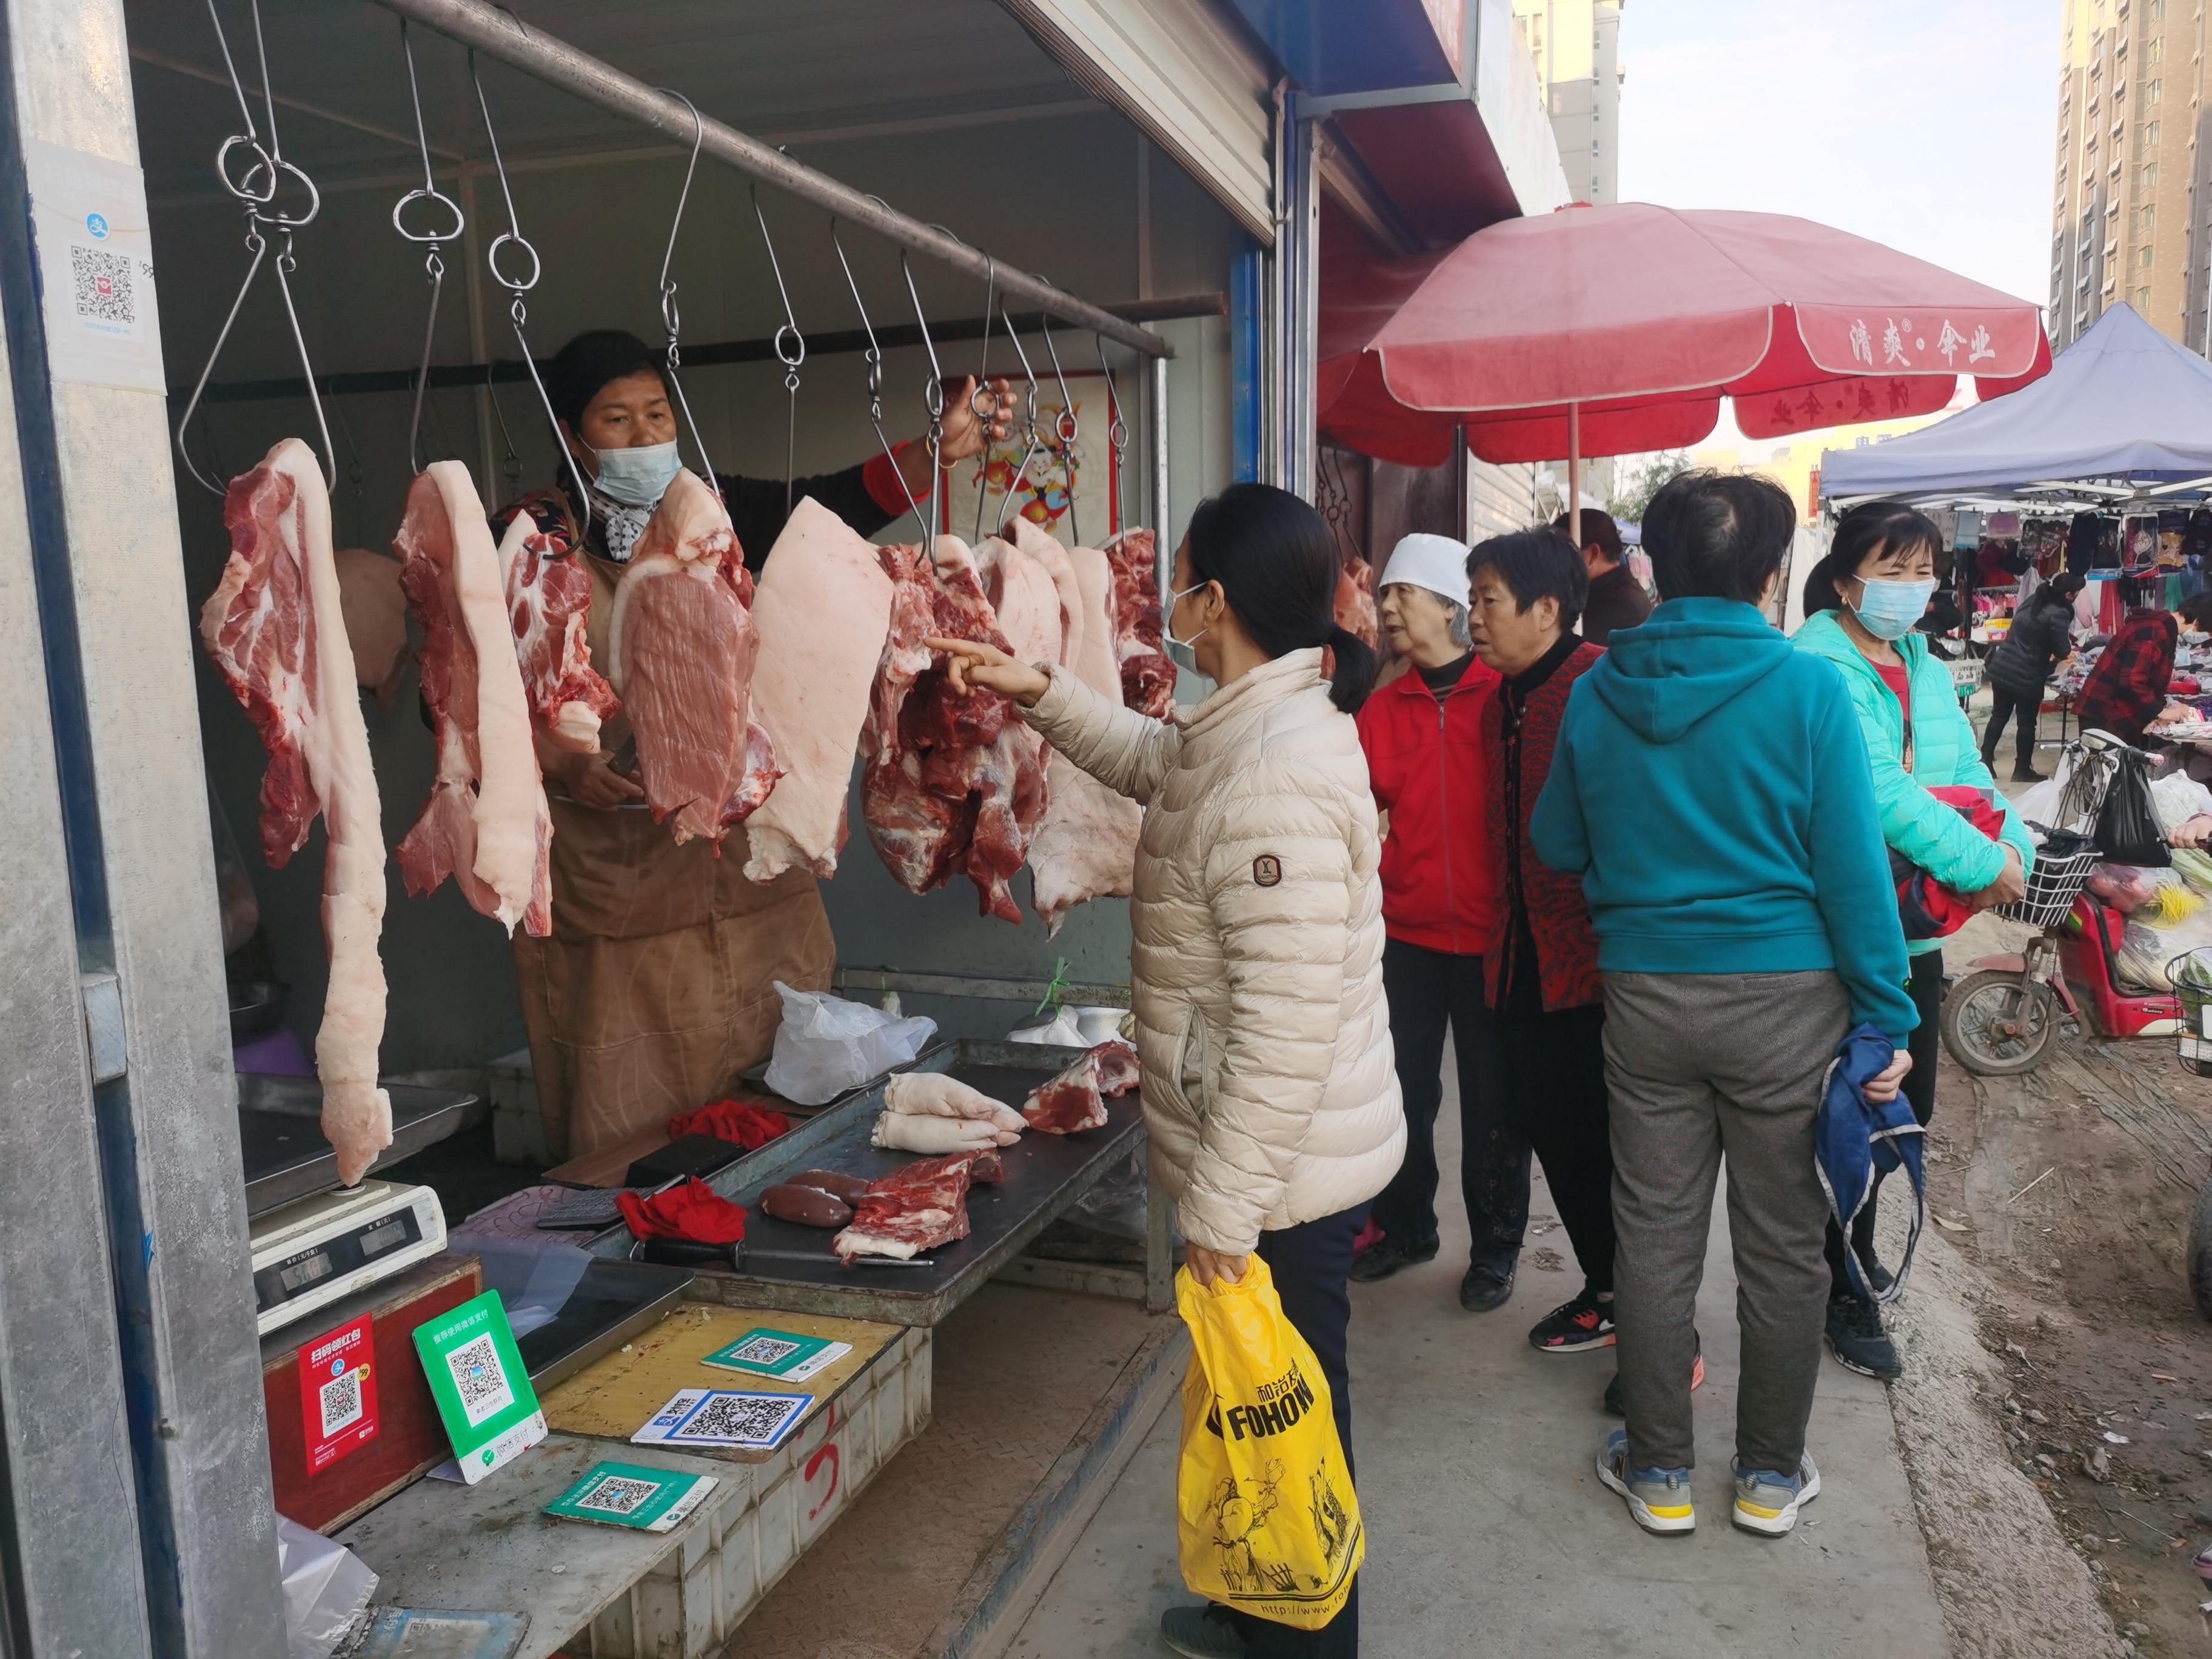 潍坊肉蛋菜齐降价,后肘跌破40元/公斤,预计春节期间可能出现反弹但幅度不大